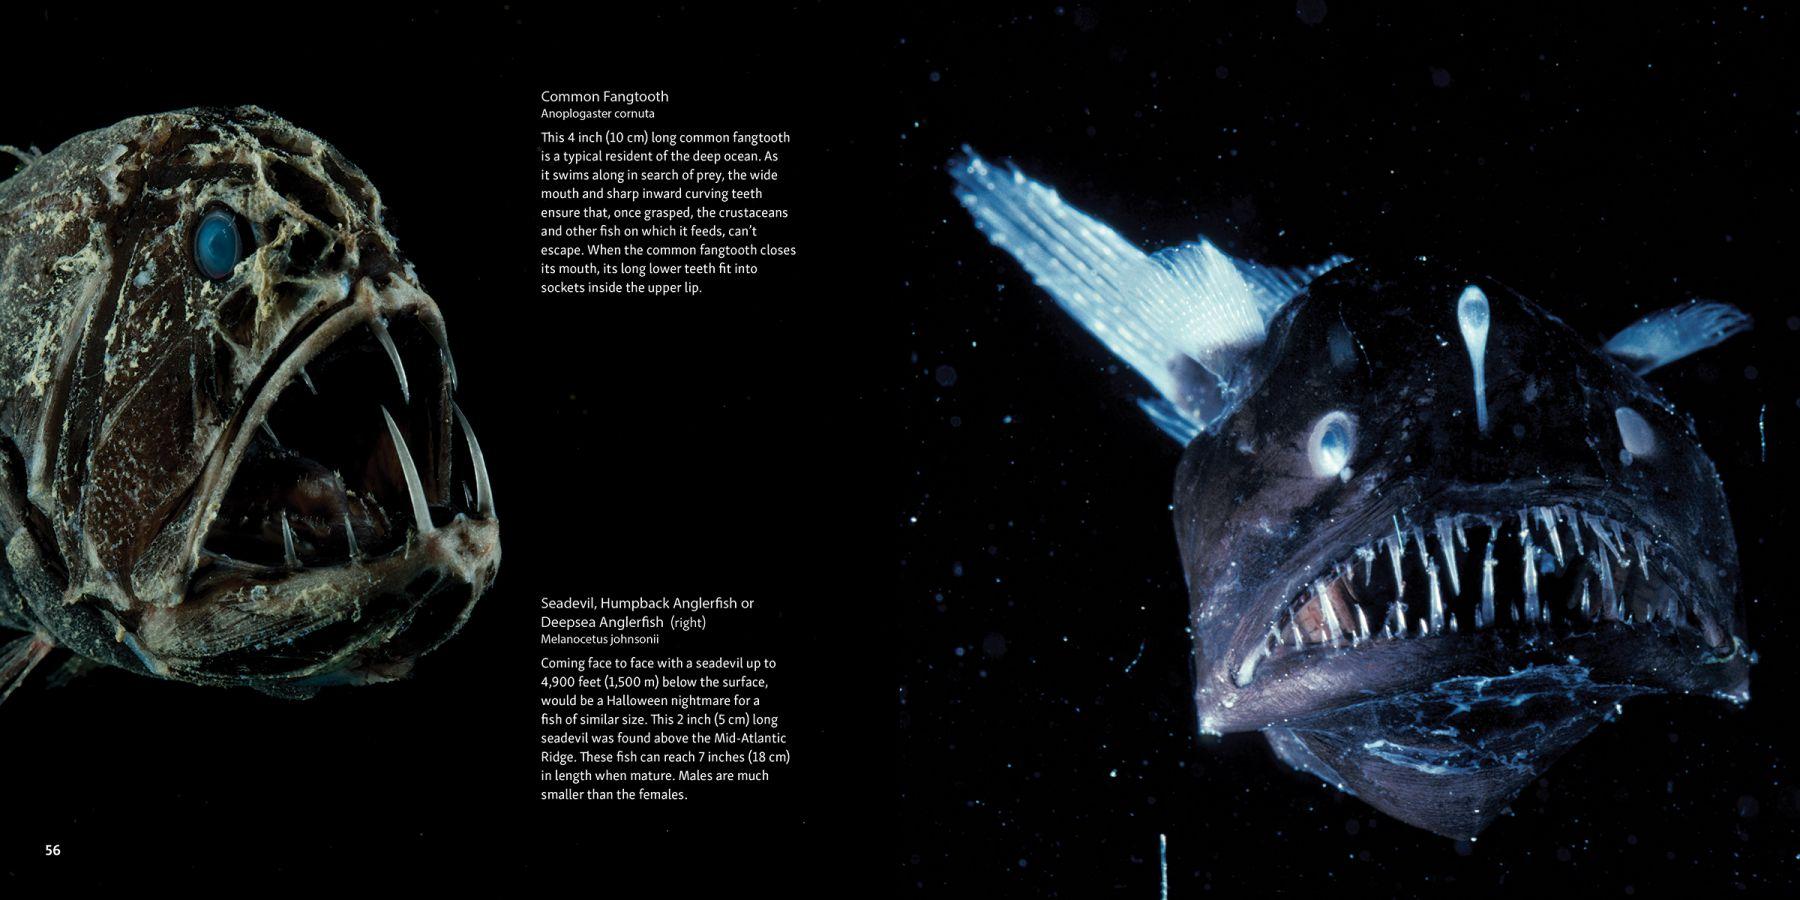 Fang Tooth and Anglerfish